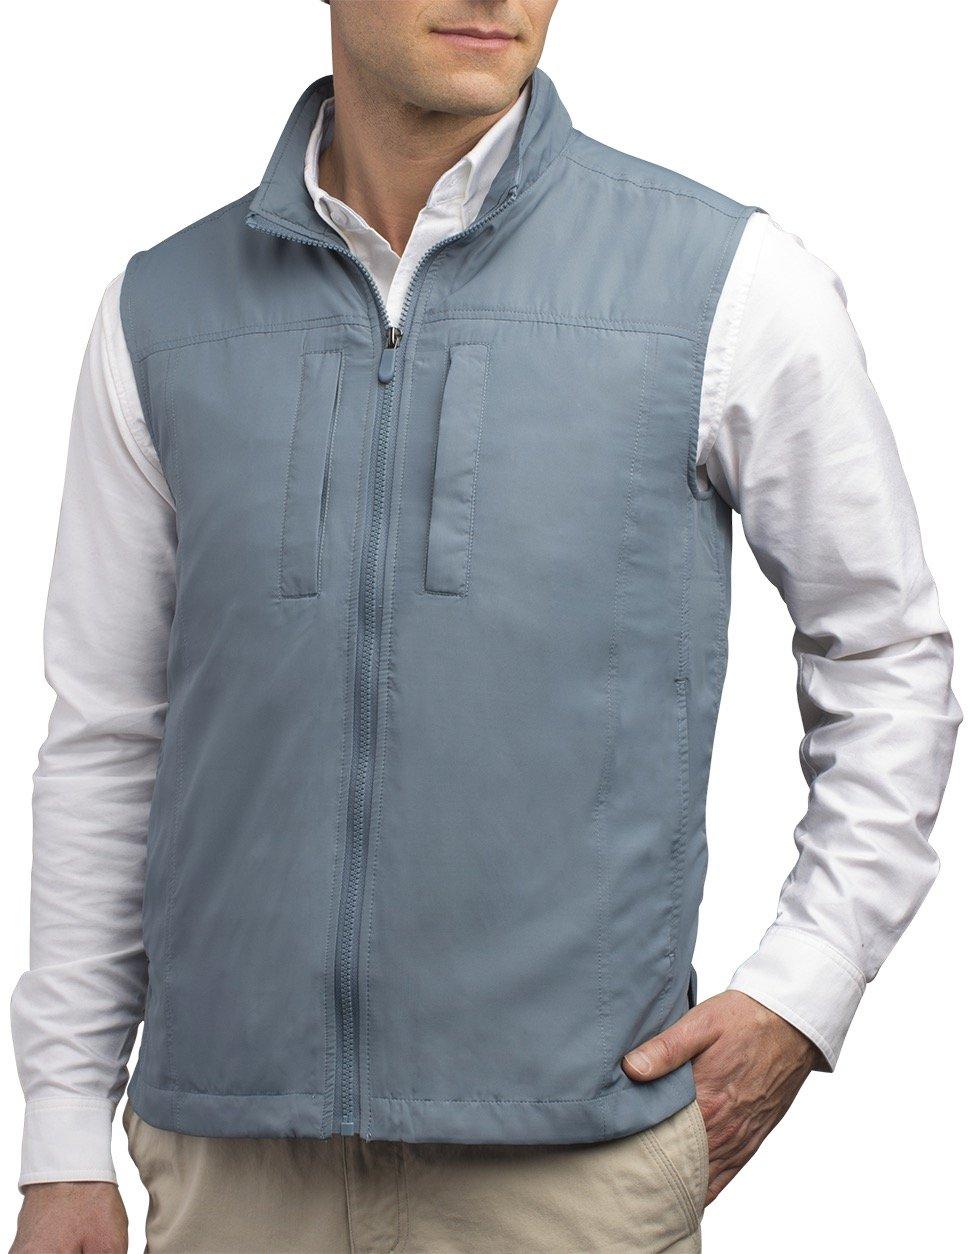 SCOTTeVEST Featherweight Men - Lightweight Vest - Travel - Utility - Safari Vest (CDB XL) Cadet Blue by SCOTTeVEST